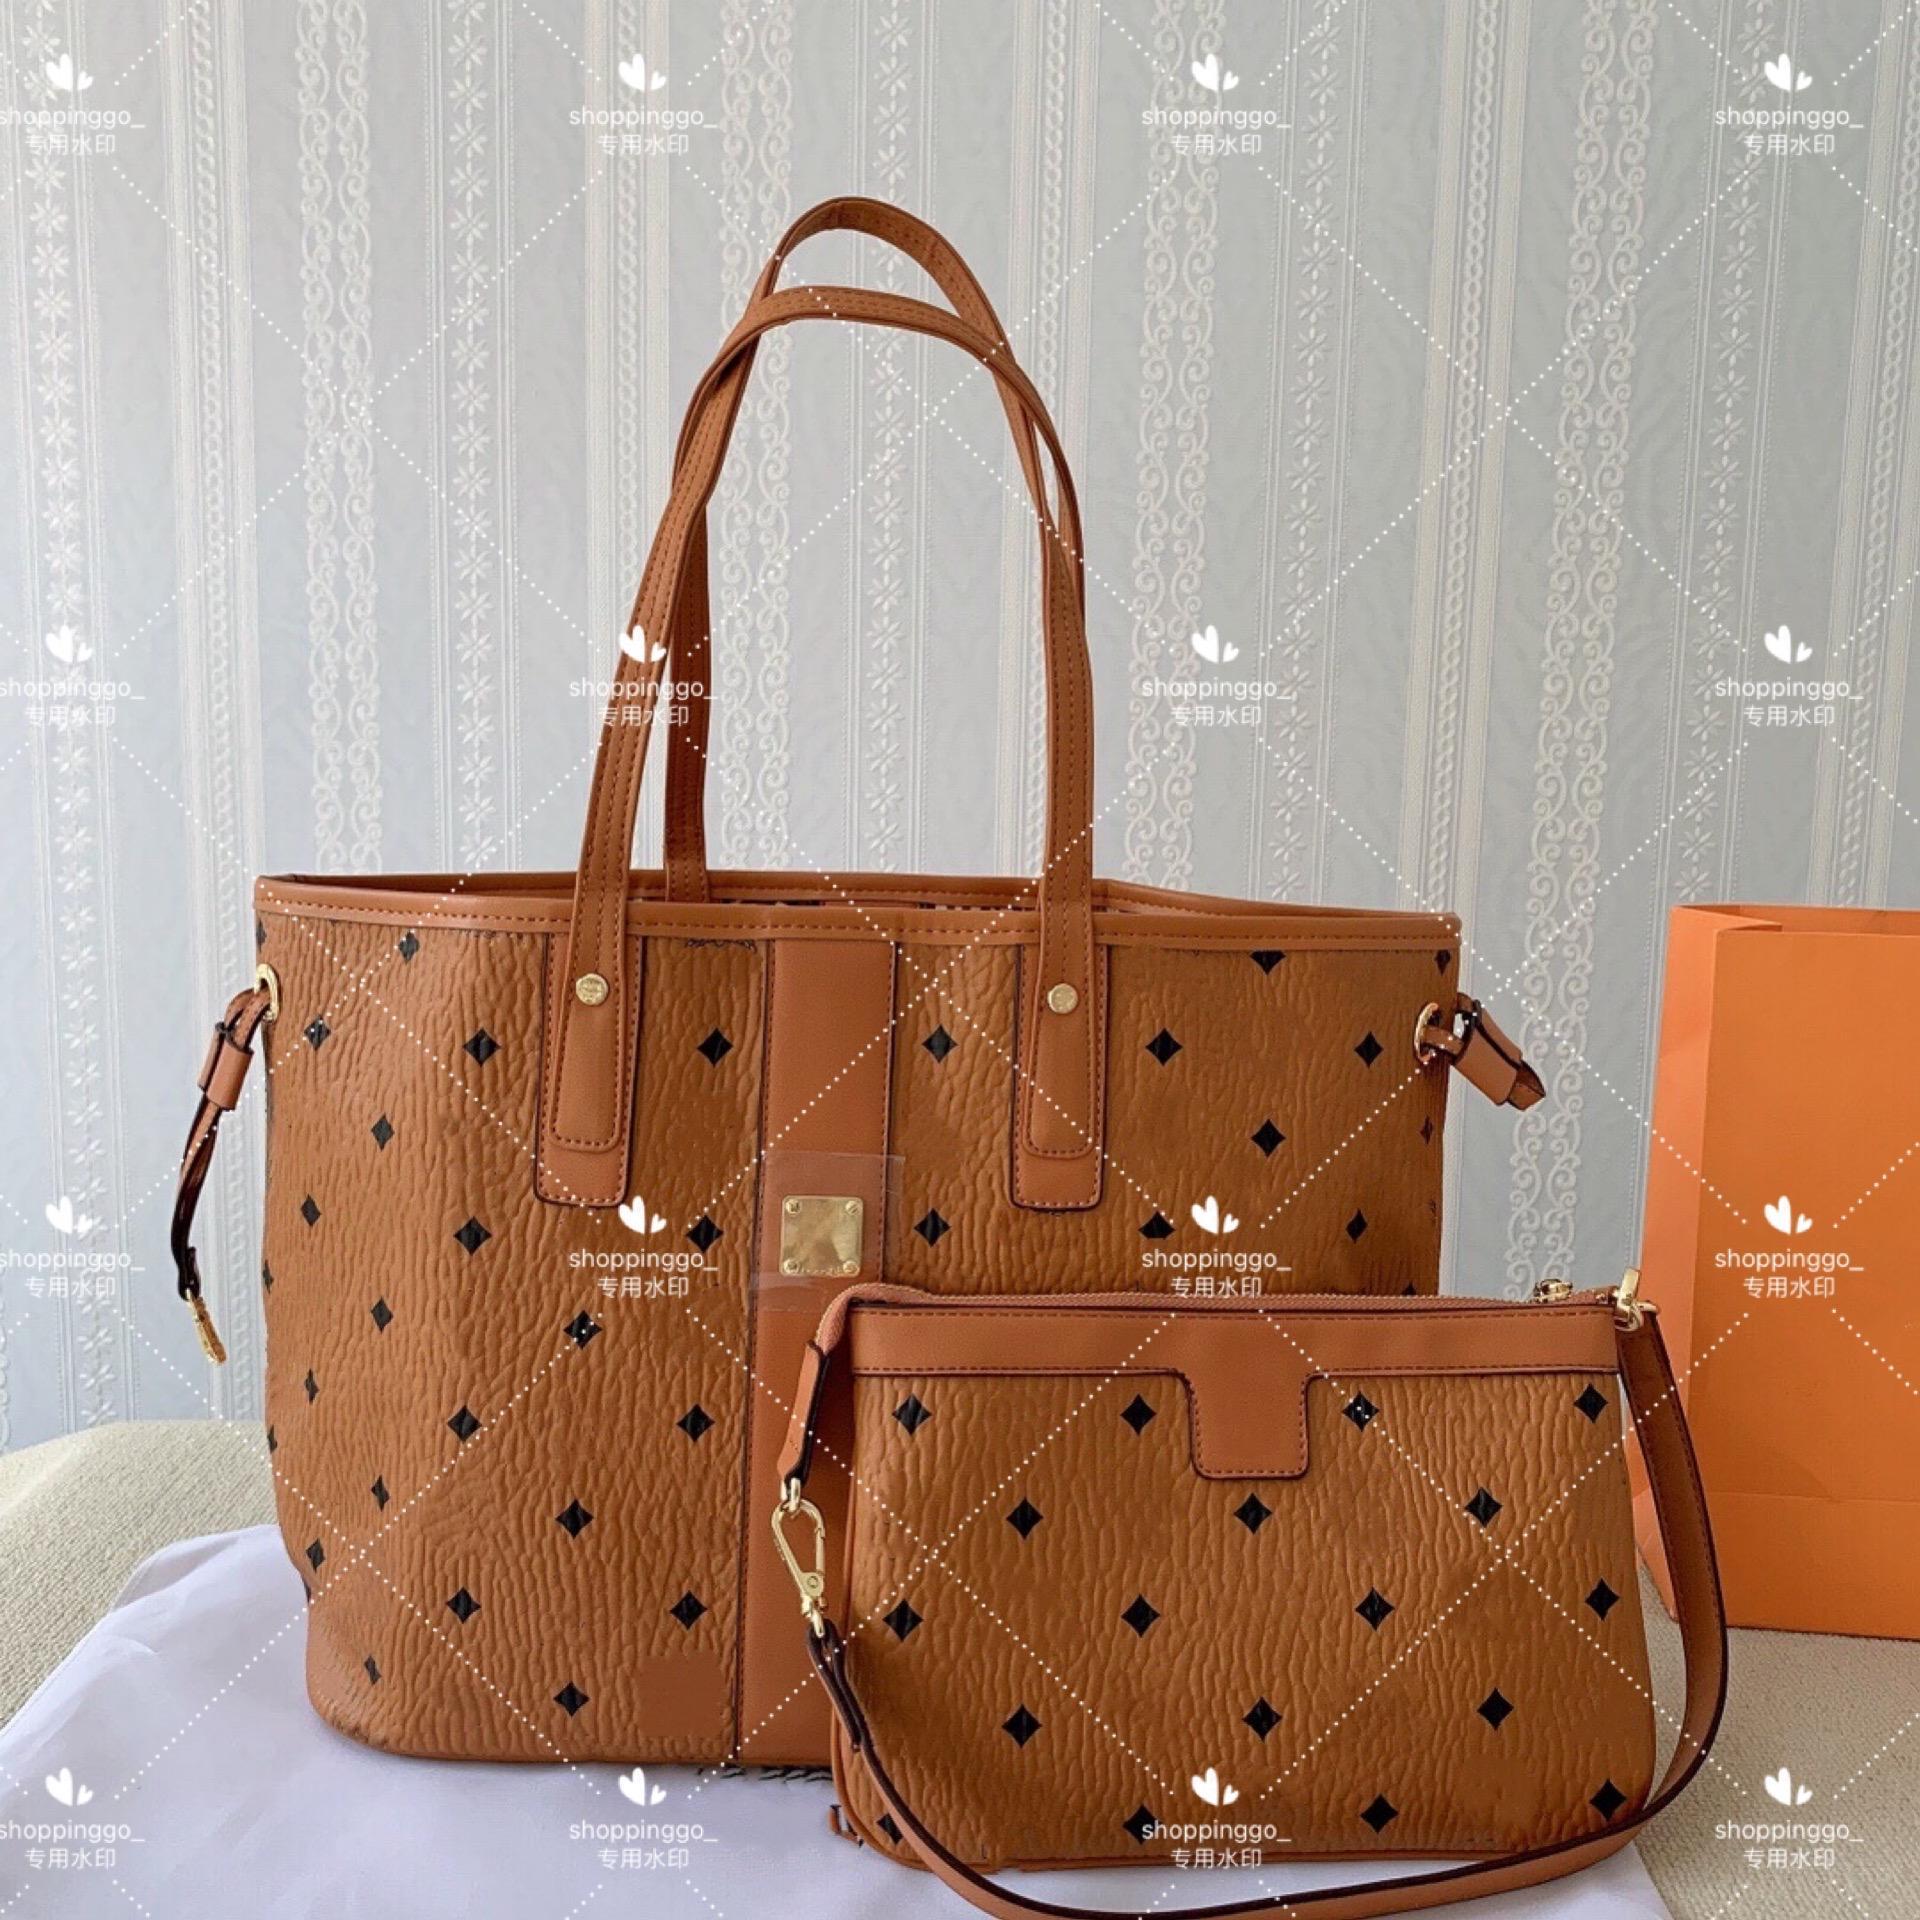 Übergroße Paselbeutel Handtaschen Nachahmung Marken Tote Frauen Luxurys Designer Taschen Lackleder Handtasche Original Clutch Großhandel Alte Blume Rindsleder Schulter Brieftasche